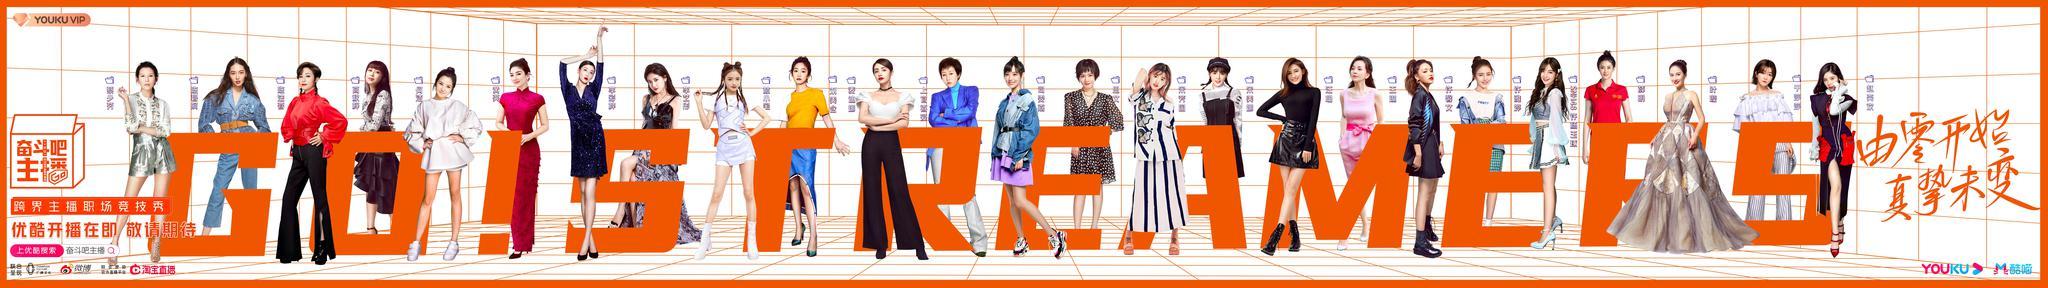 《奋斗吧主播》上线,蔡少芬、李艺彤等25位女星变身见习主播